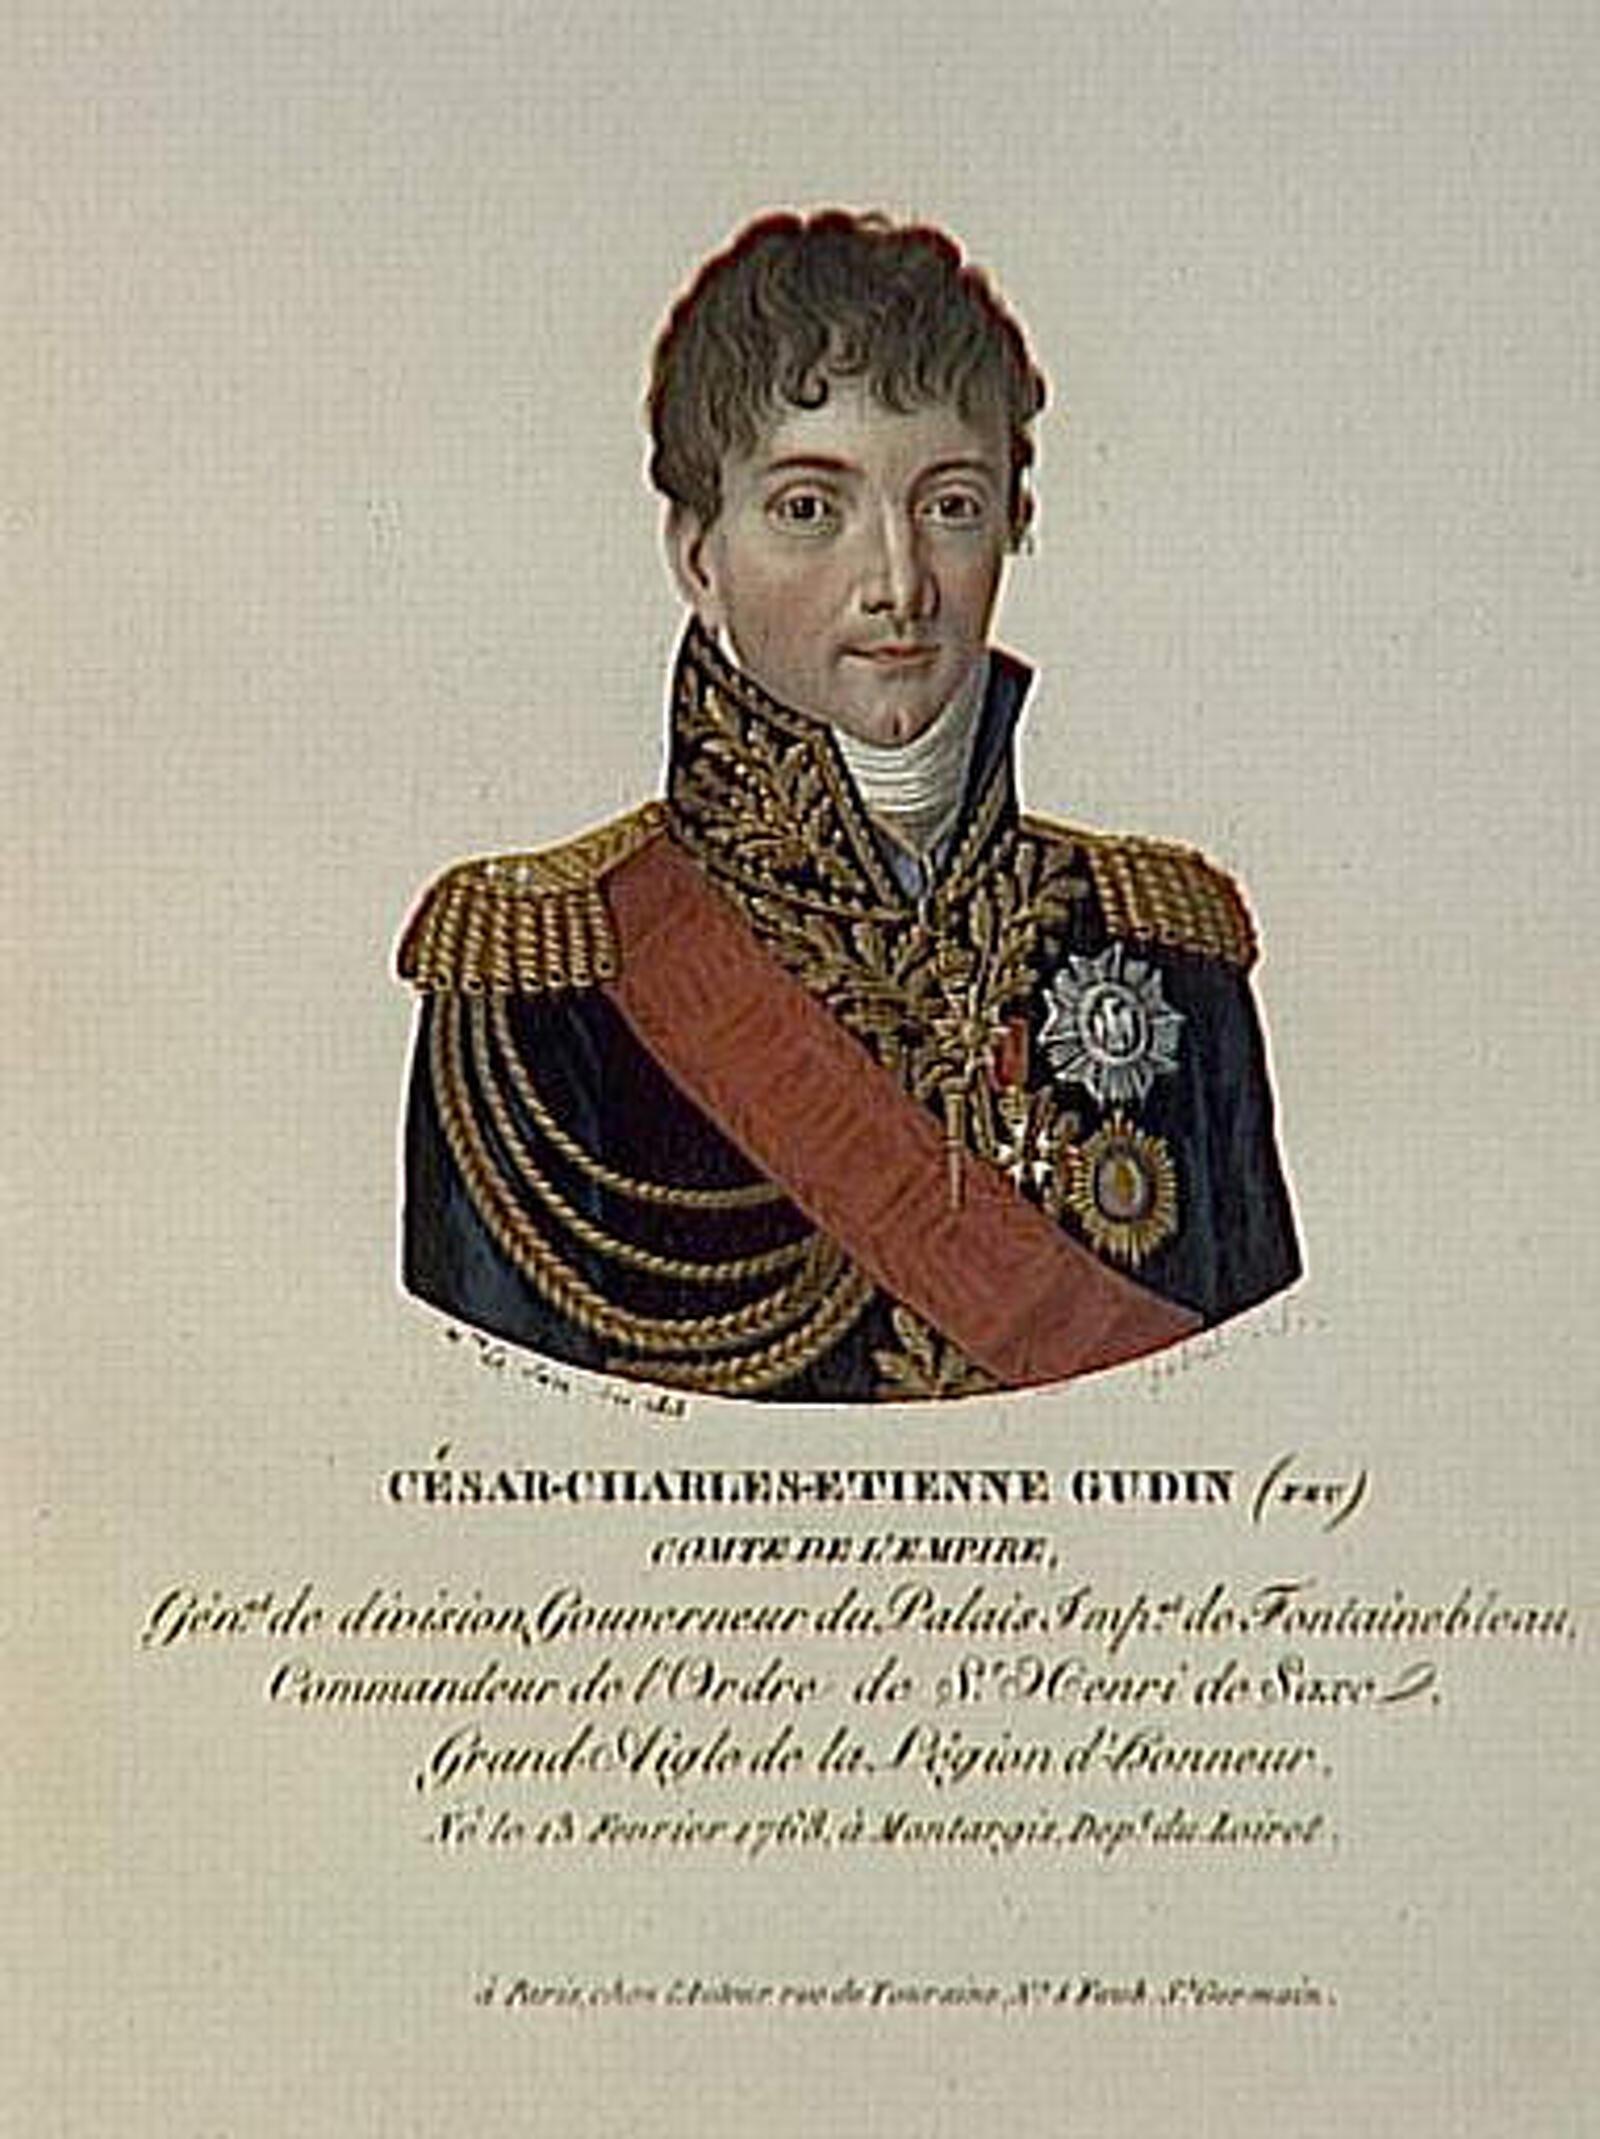 El general Charles-Etienne Gudin